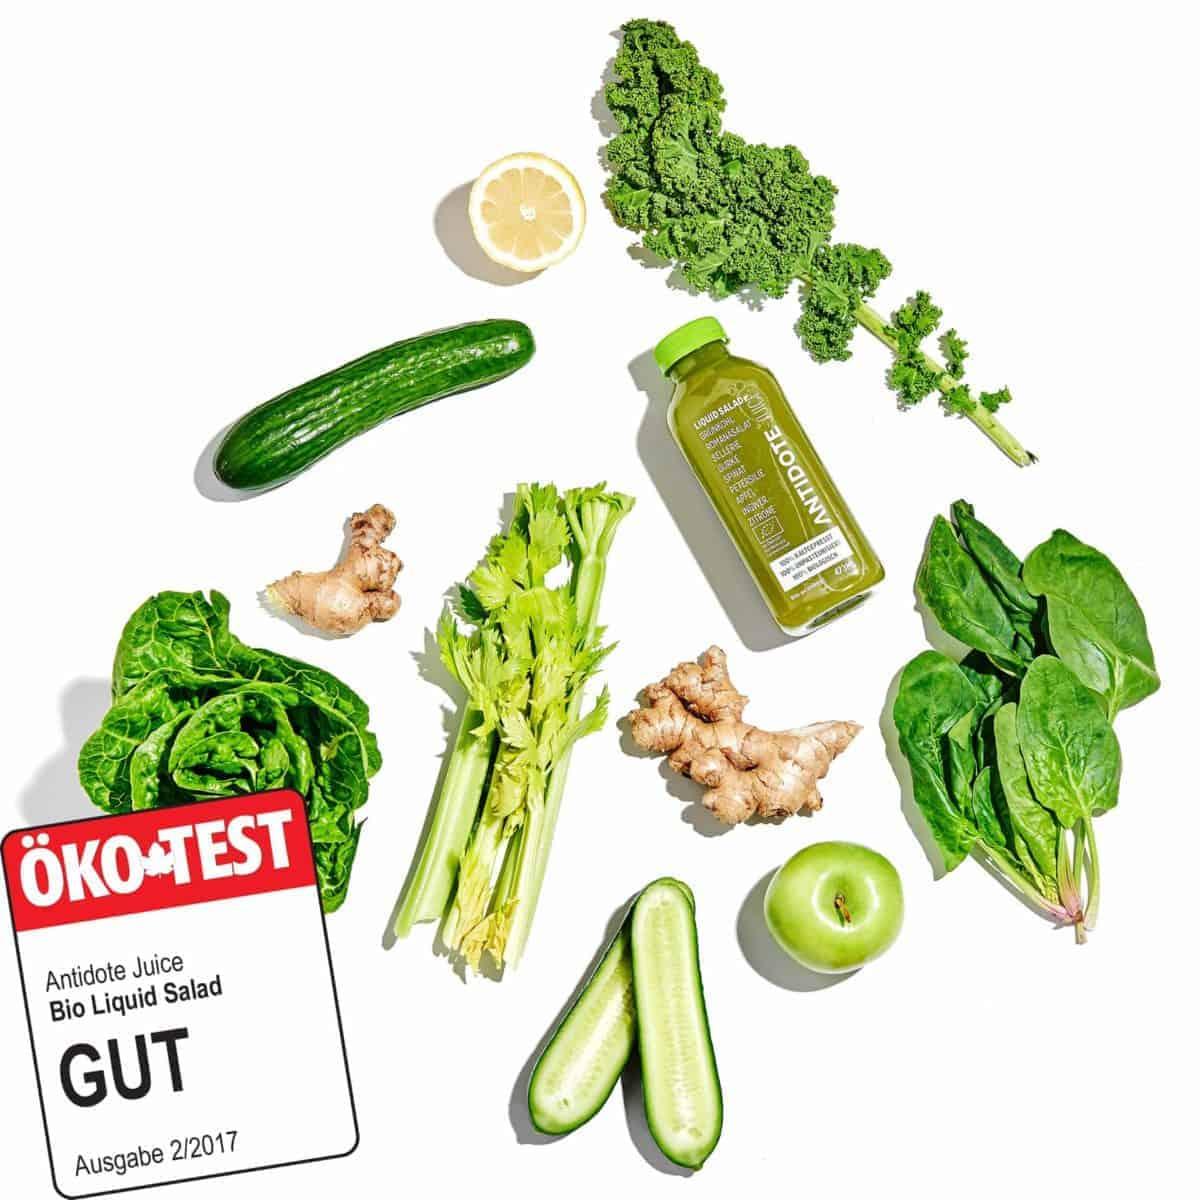 Der Antidote Bio Saft Liquid Salad hat im Ökotest die Note gut erhalten (02/2017).